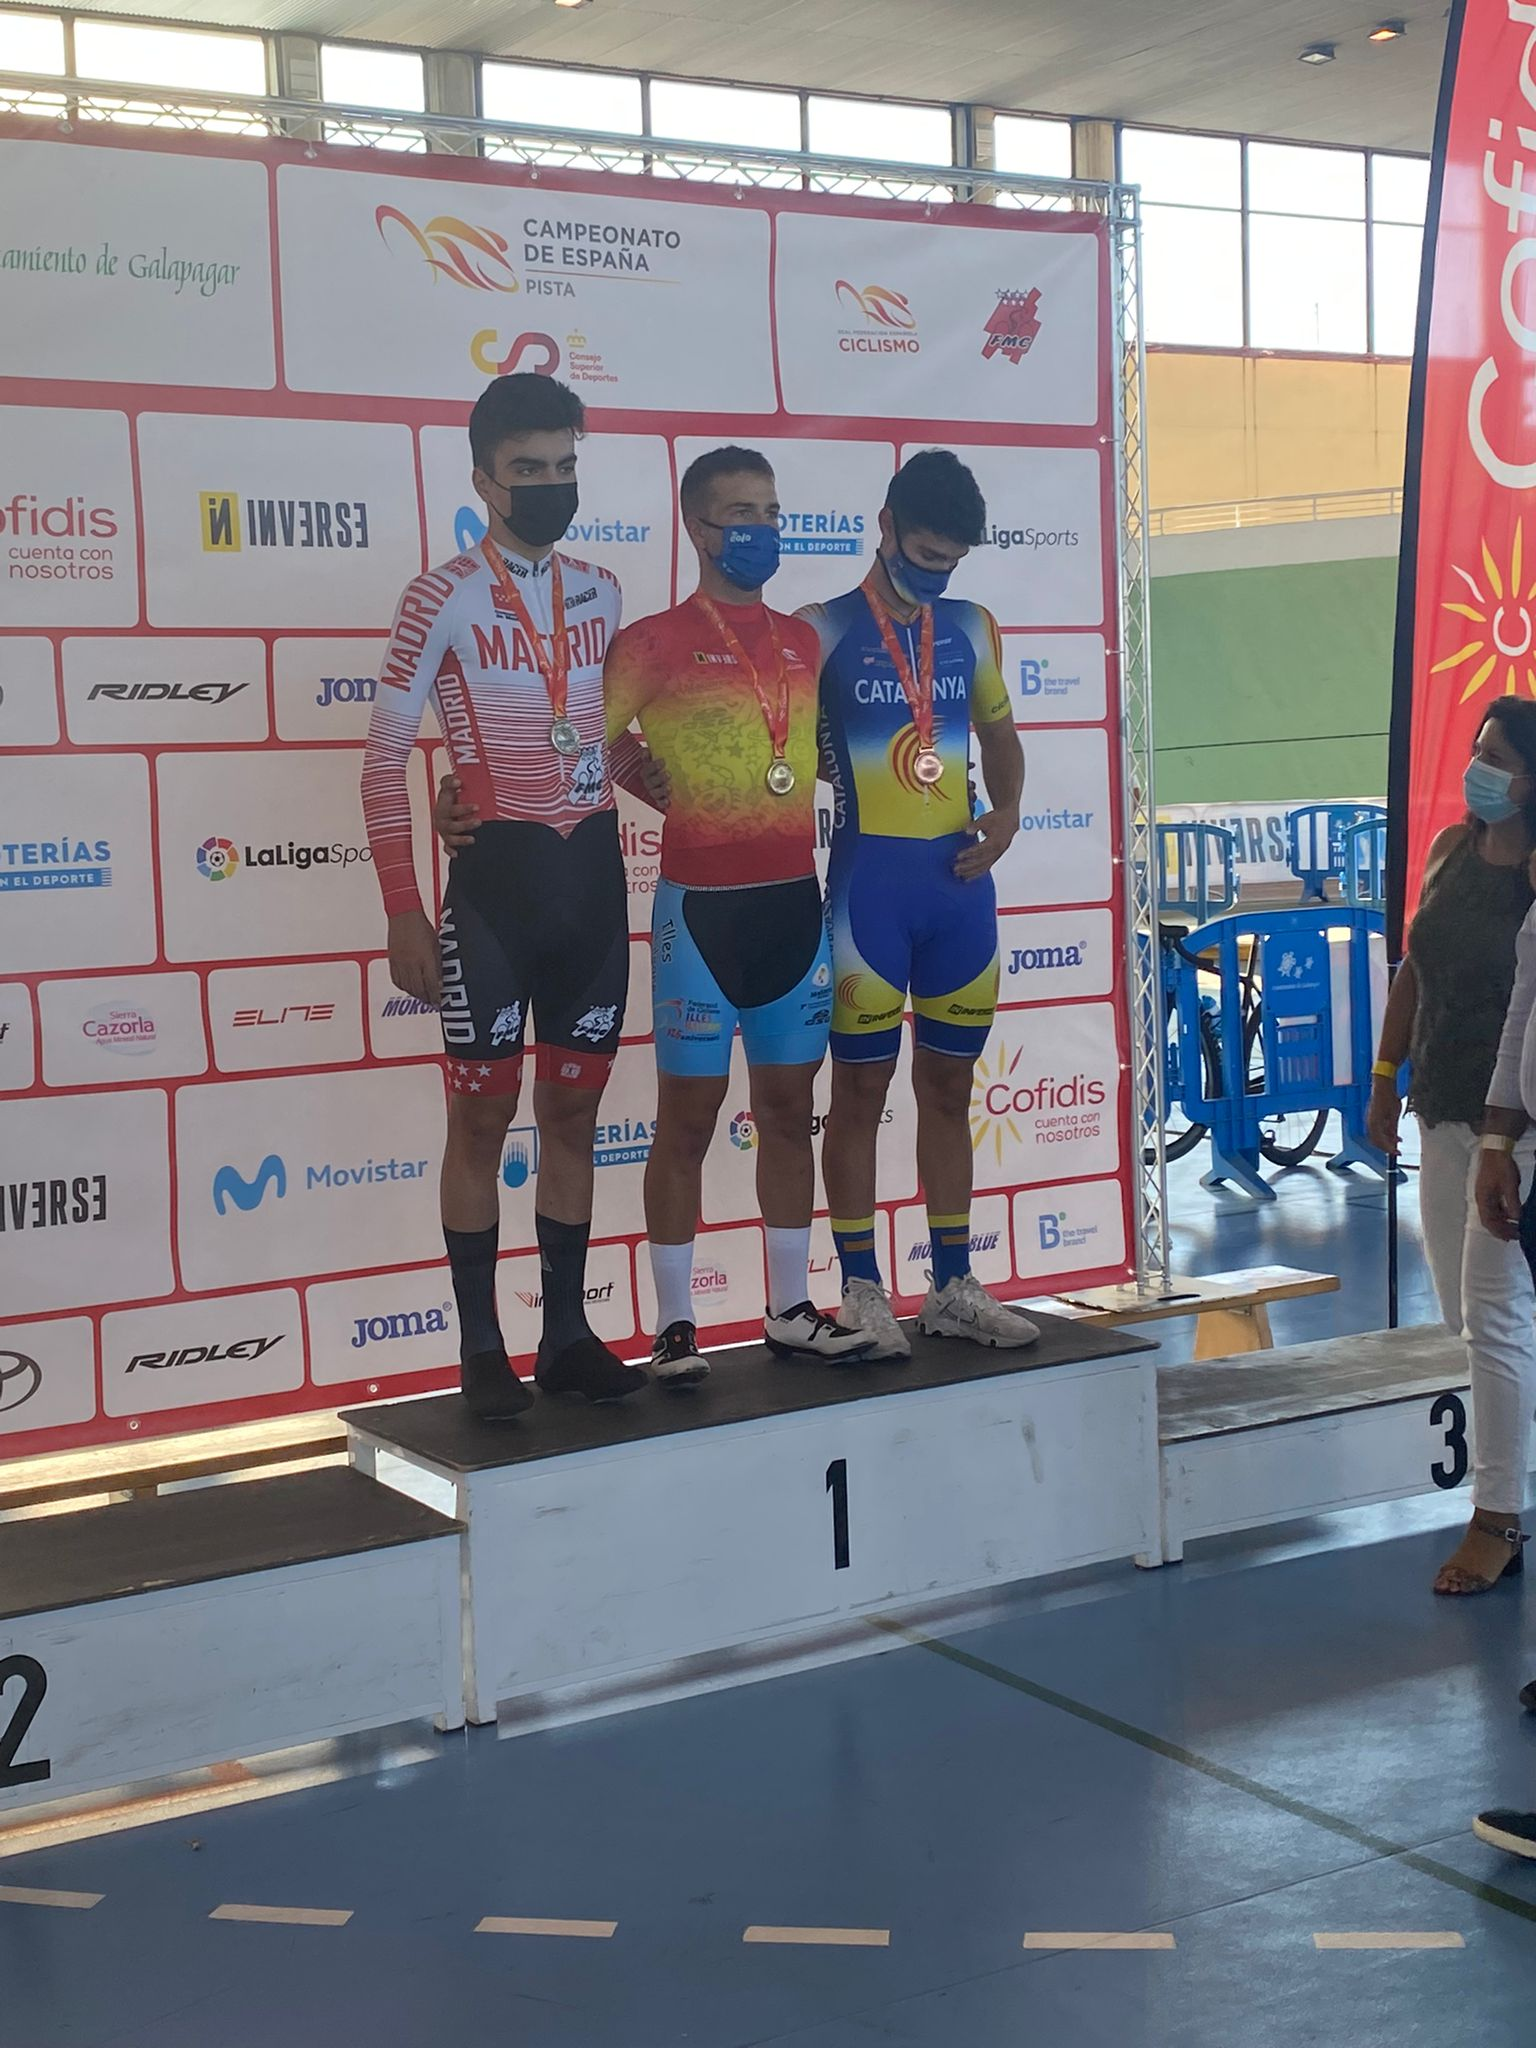 Excelente balance para la pista madrileña junior y cadete en los Campeonatos de España de Galapagar